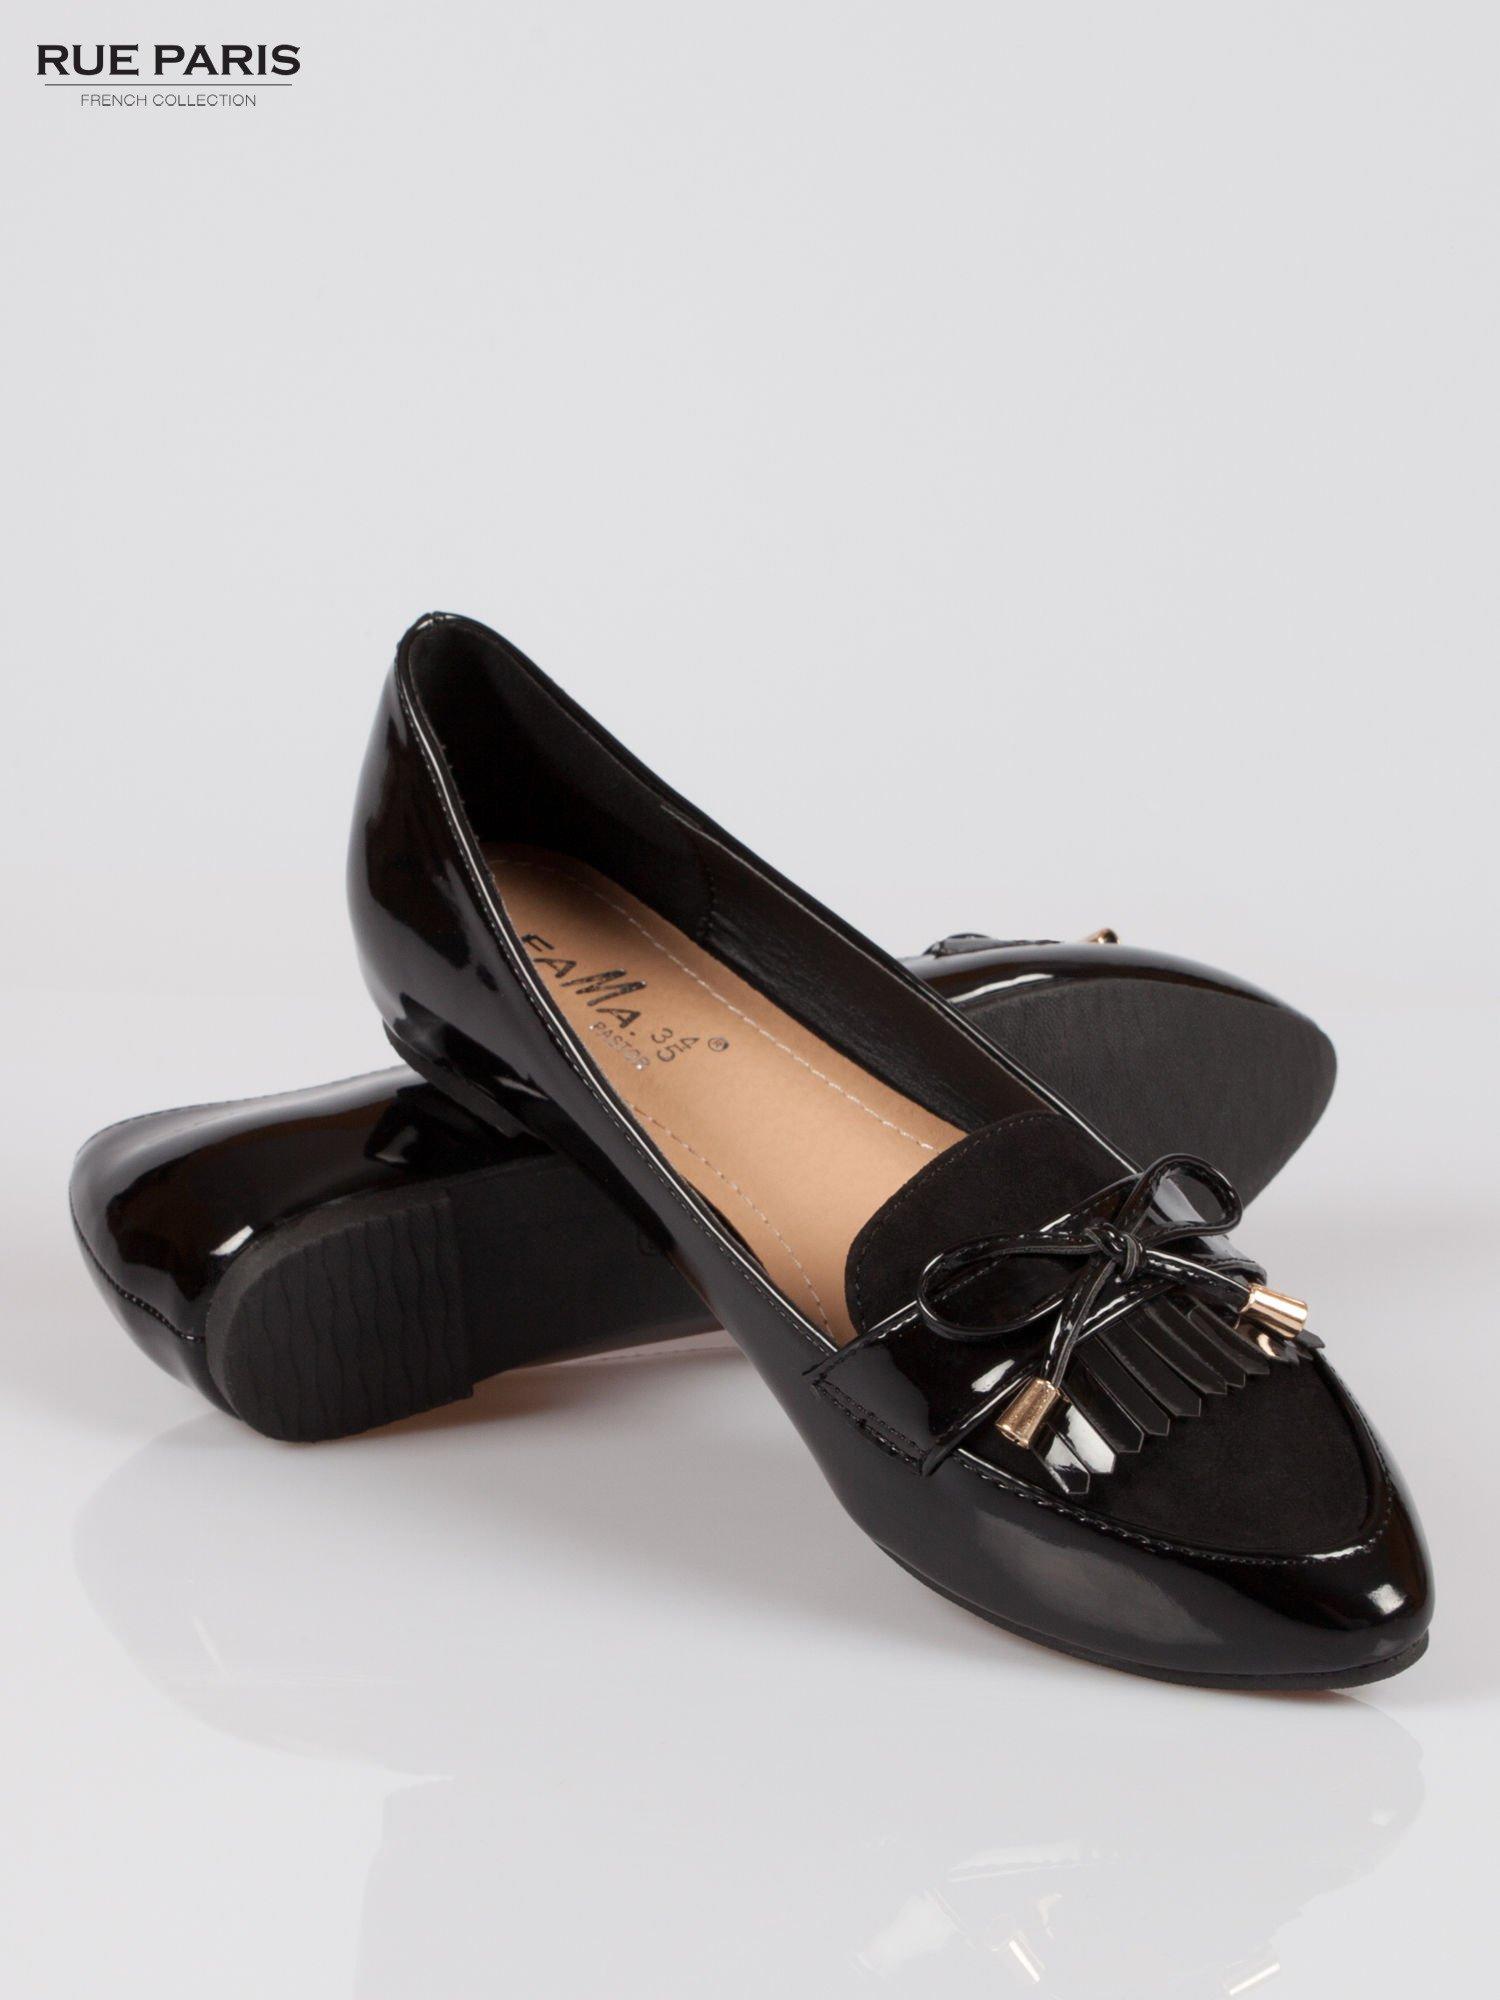 Czarne lakierowane mokasyny faux polish leather z kokardką                                  zdj.                                  4